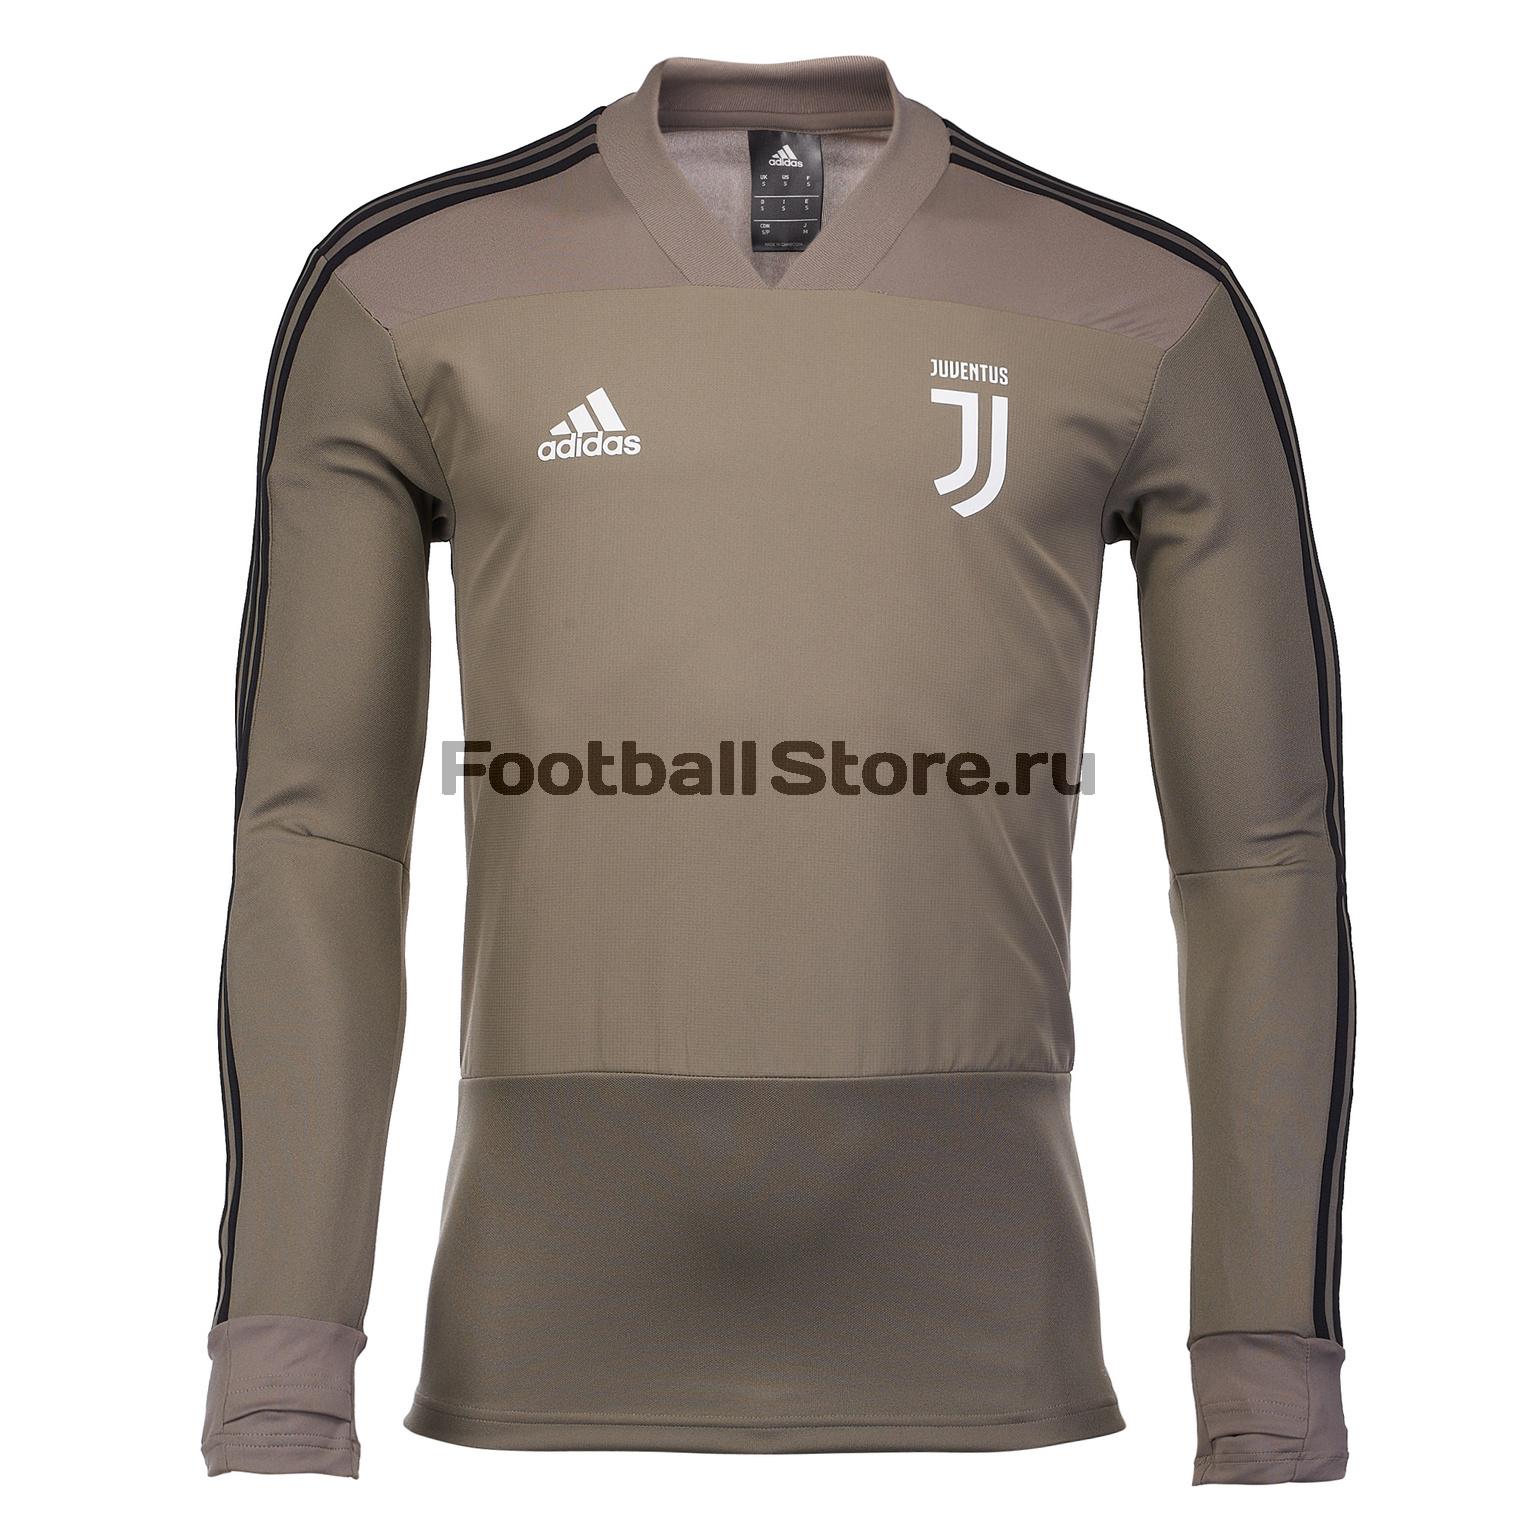 Свитер тренировочный Adidas Juventus 2018/19 рюкзак adidas juventus 2018 19